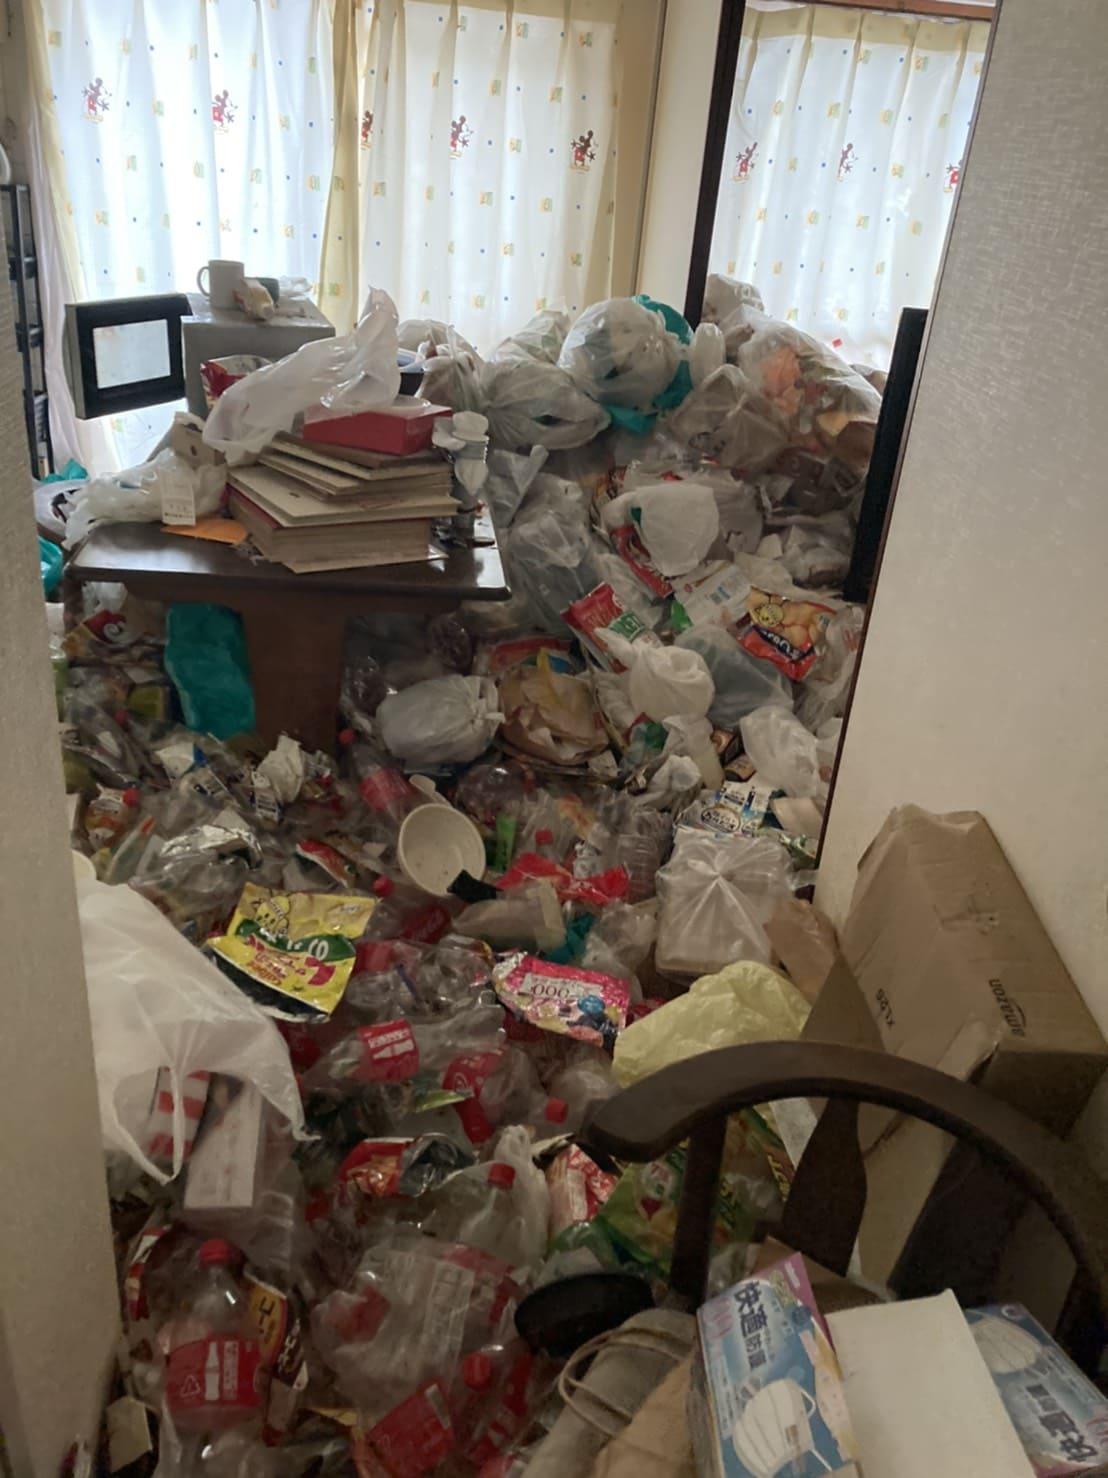 ゴミ屋敷状態の様子